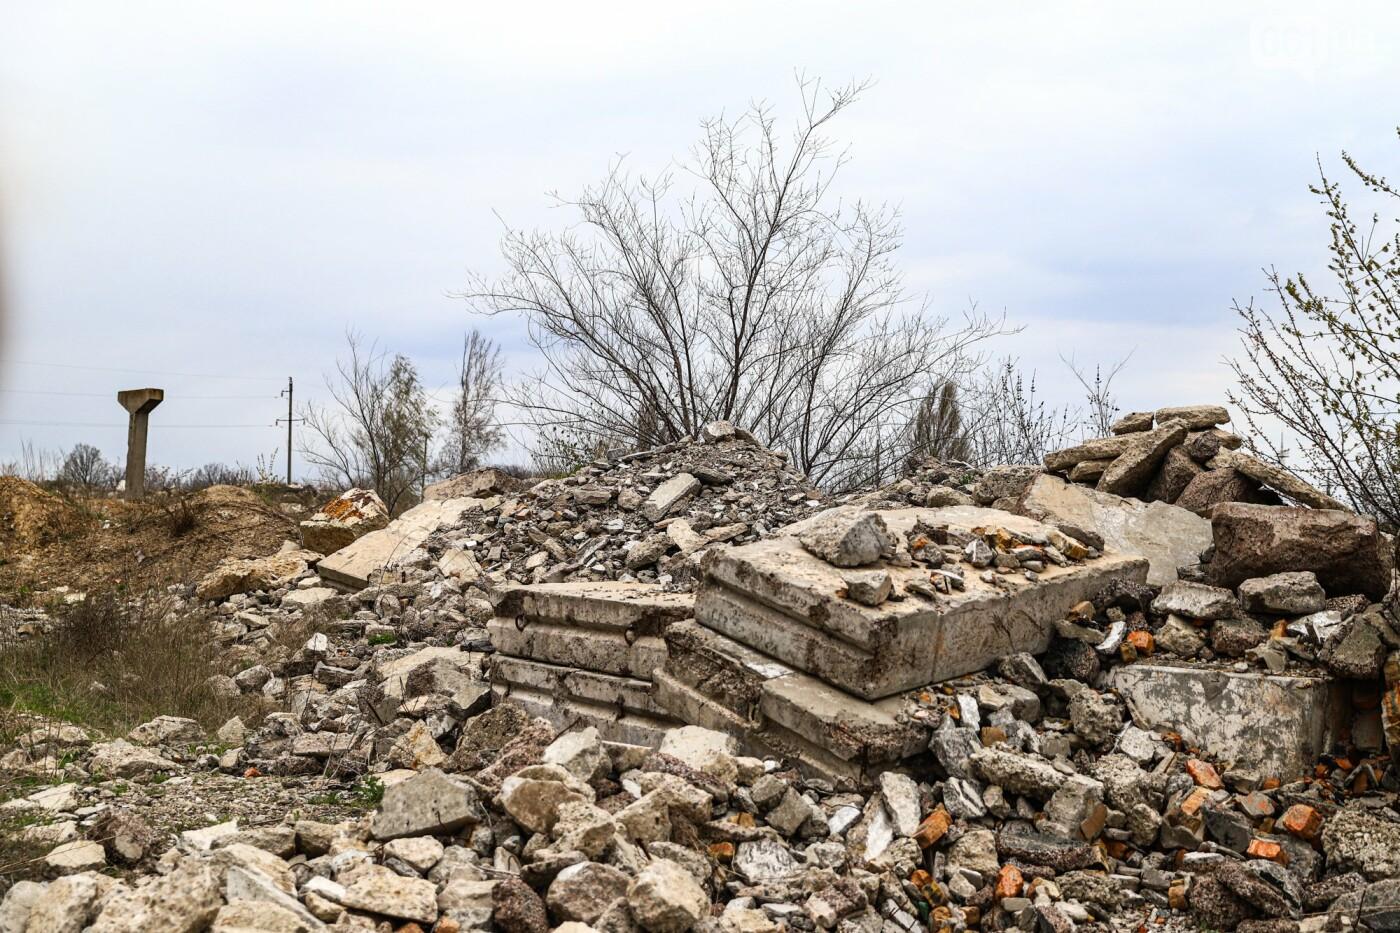 В Степногорске пытаются разобрать на металлолом шахту - промплощадка ГОКа превратилась в руины, - ФОТОРЕПОРТАЖ , фото-22